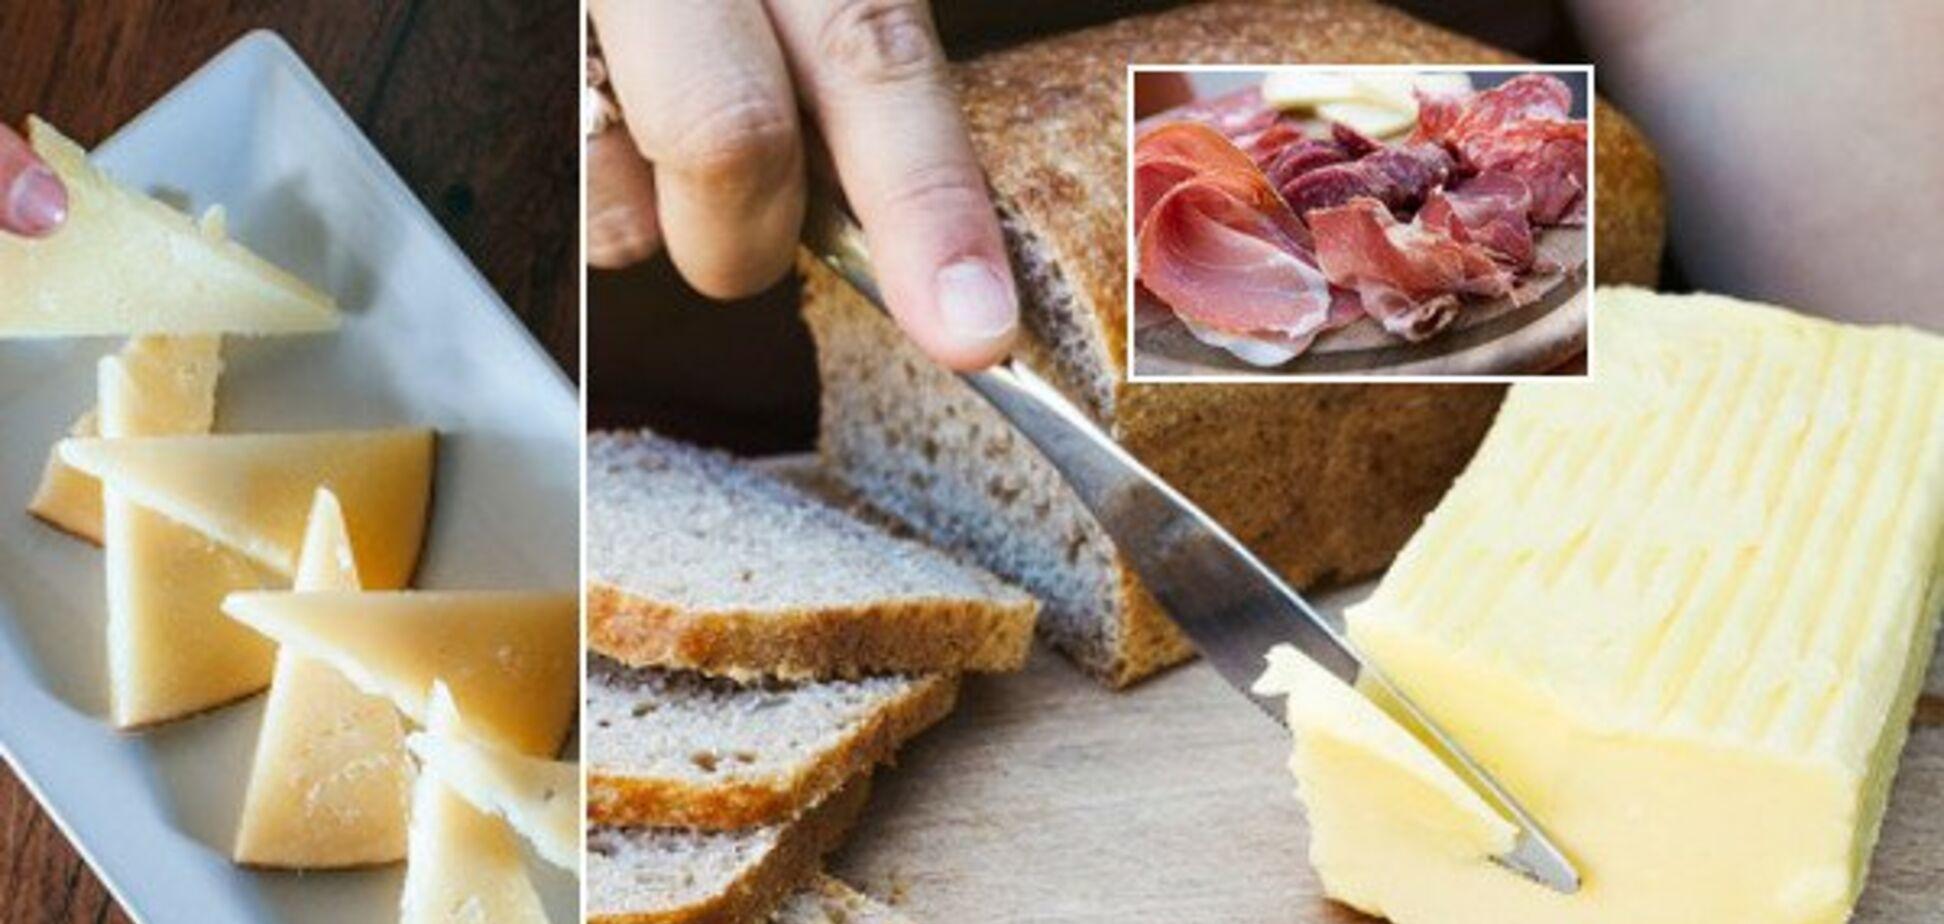 Мясо накалывают, а сыр может провоцировать рак: Украину заполонили опасные продукты-подделки